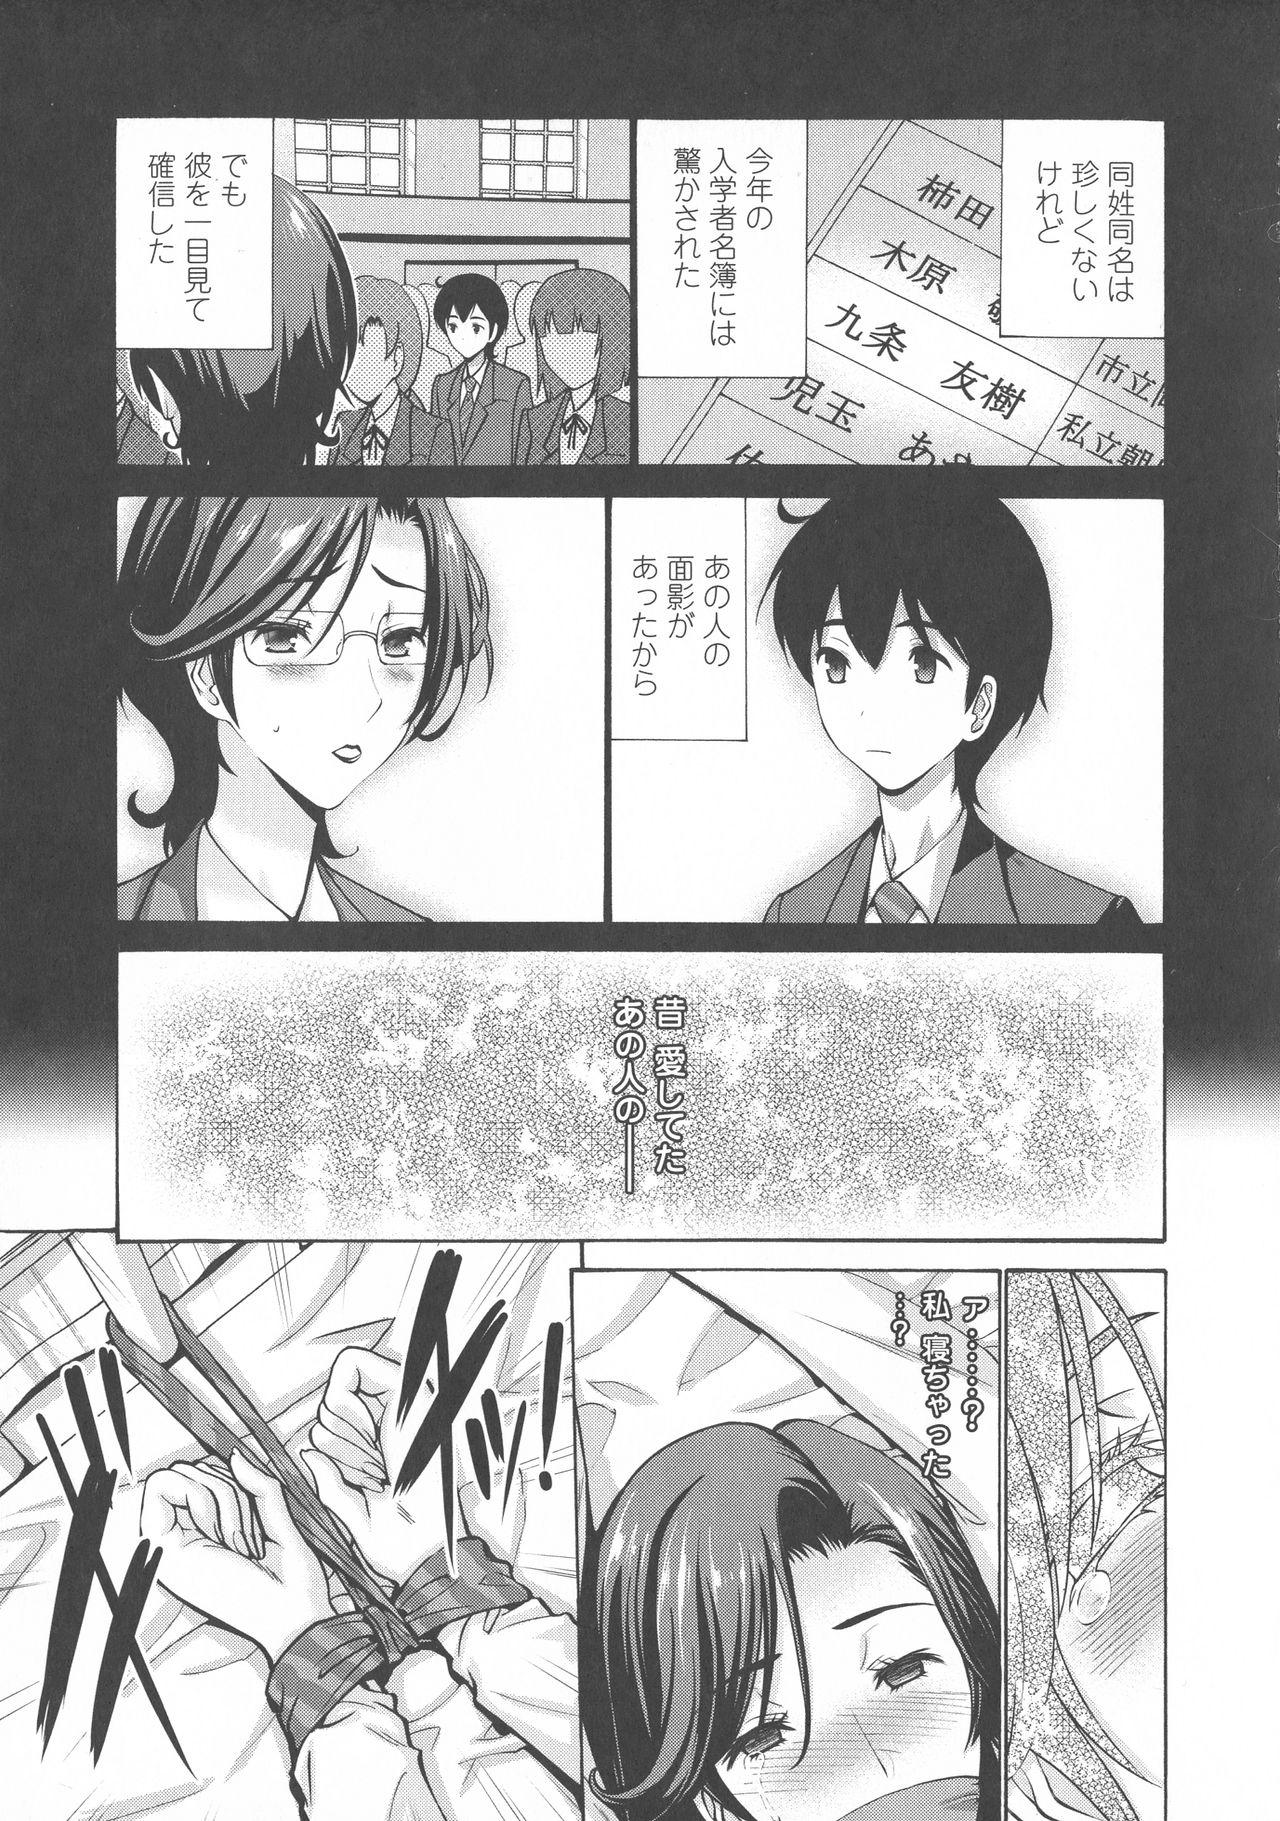 Tomodachi no Haha wa Boku no Mono - His Mother is My Love Hole 155